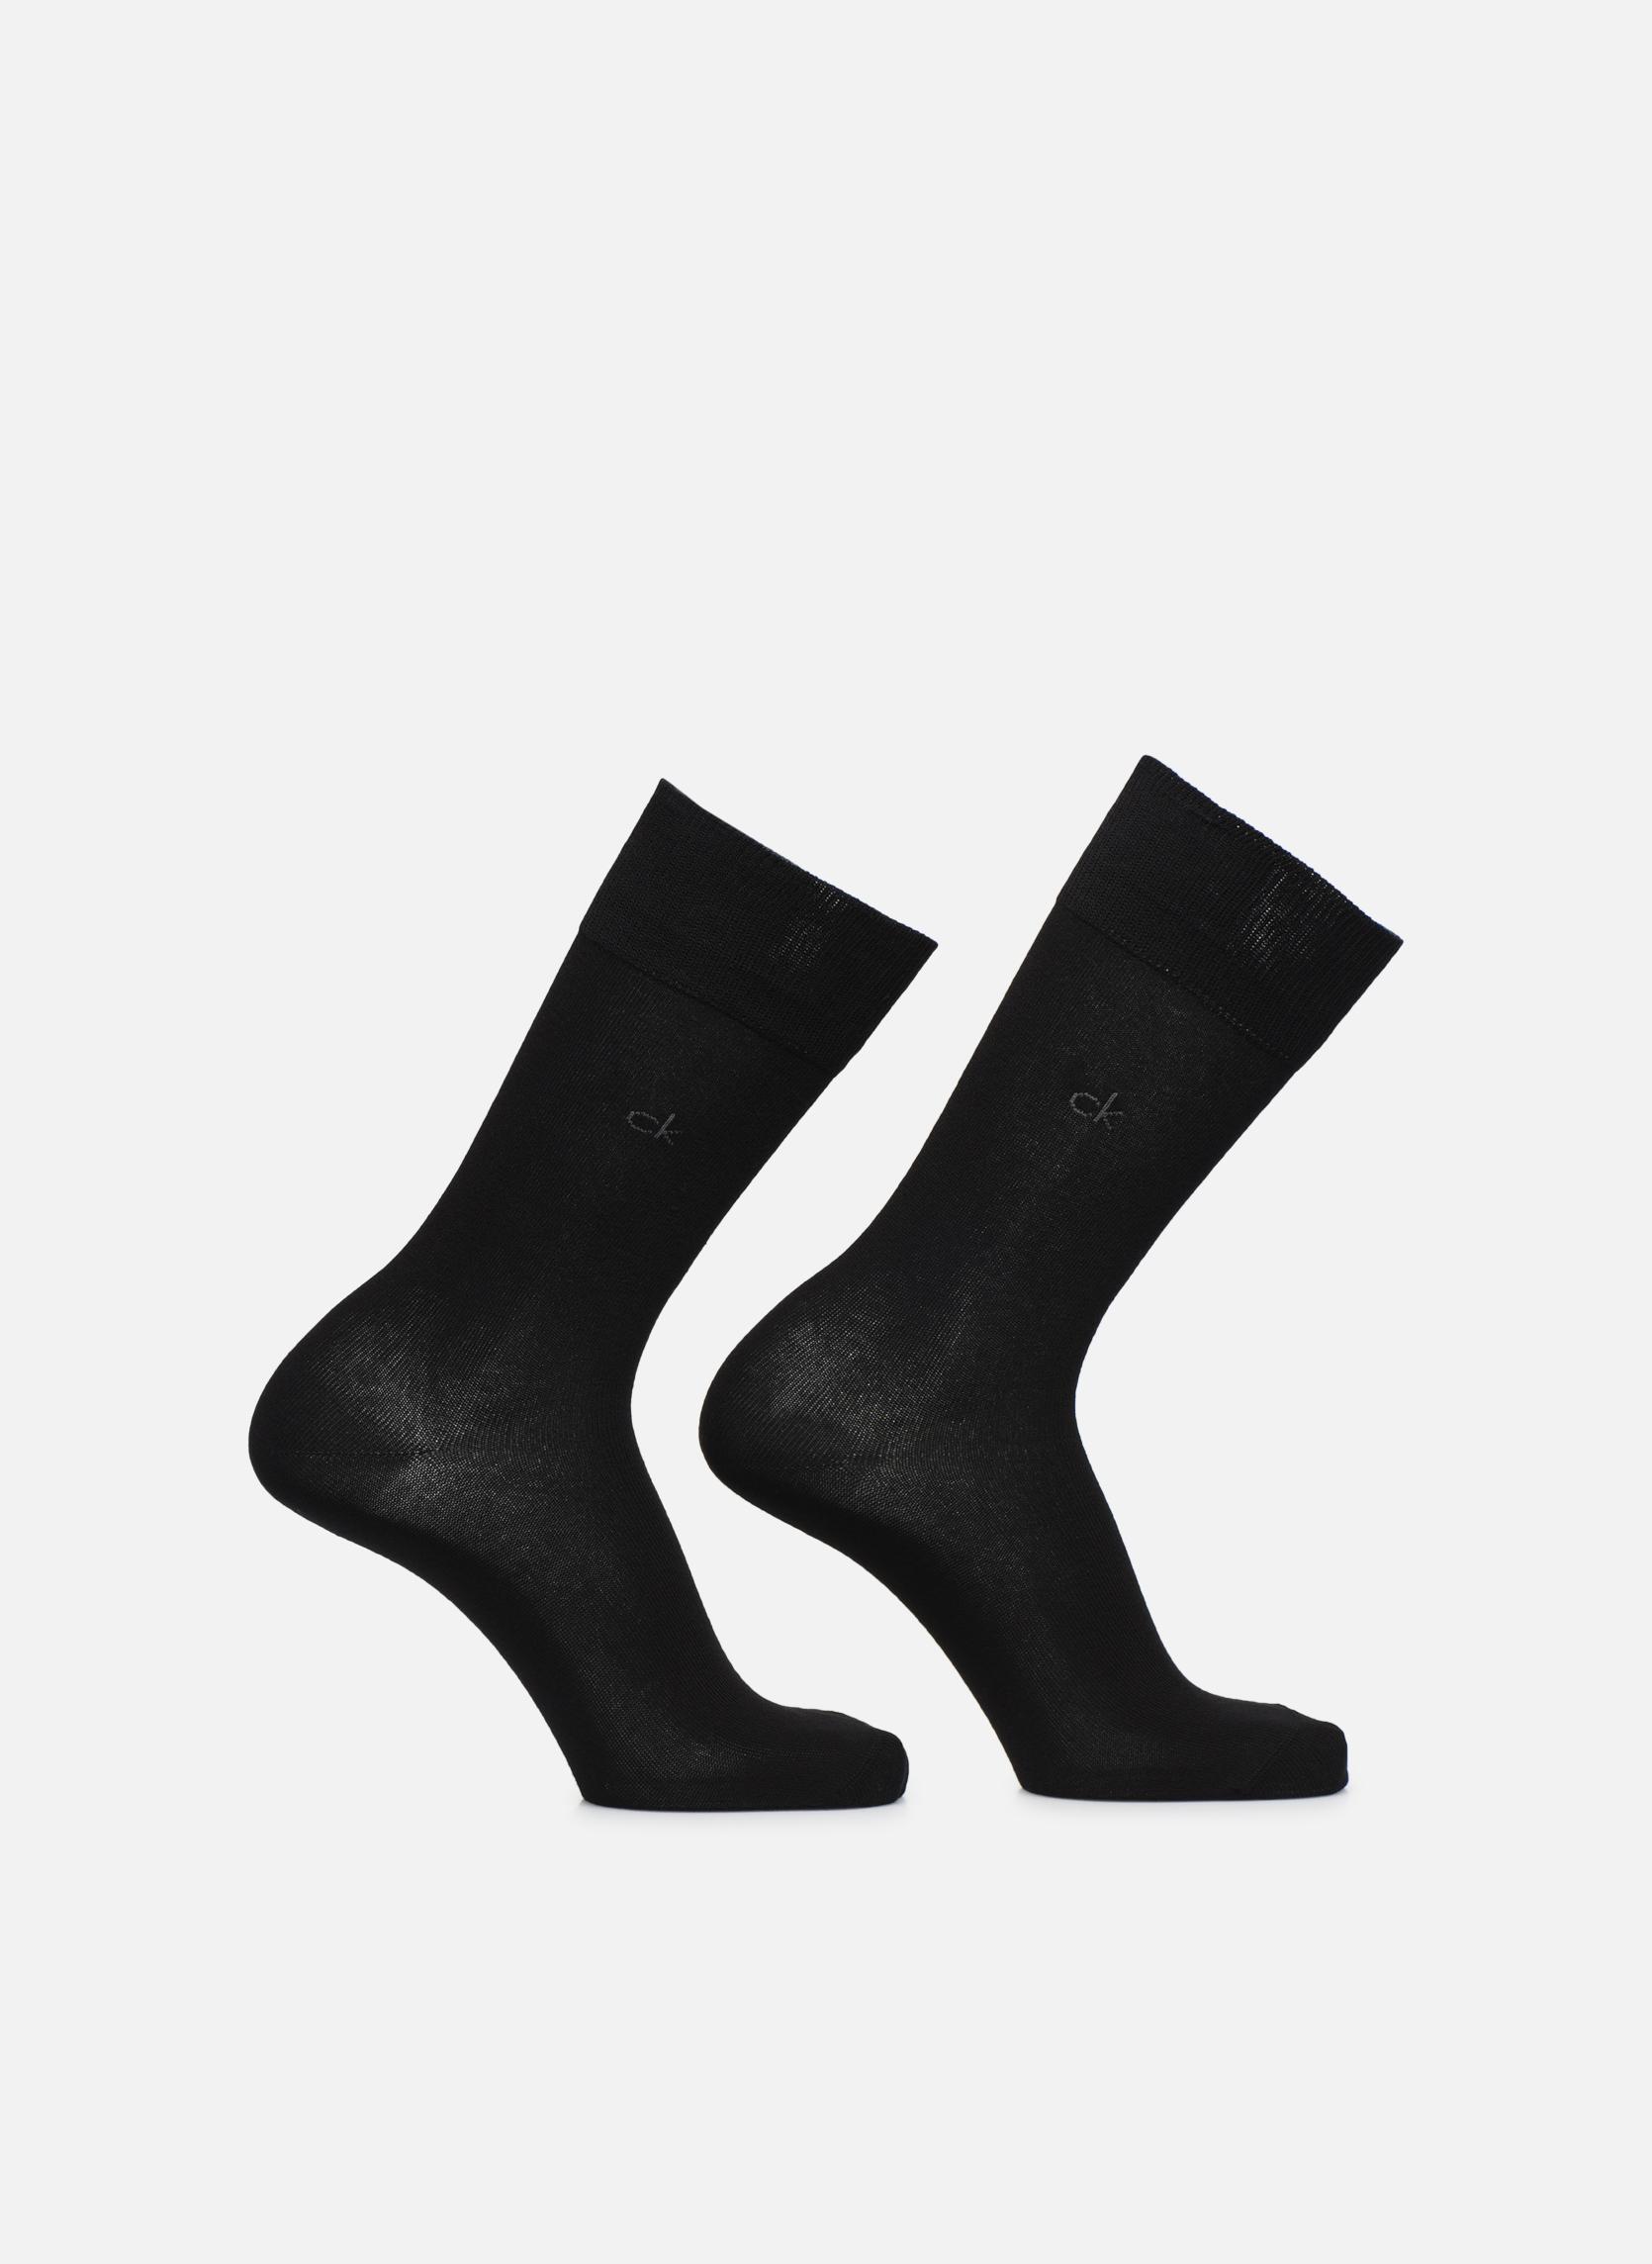 Chaussettes Homme Coton Pack de 2 Unies 00 BLACK